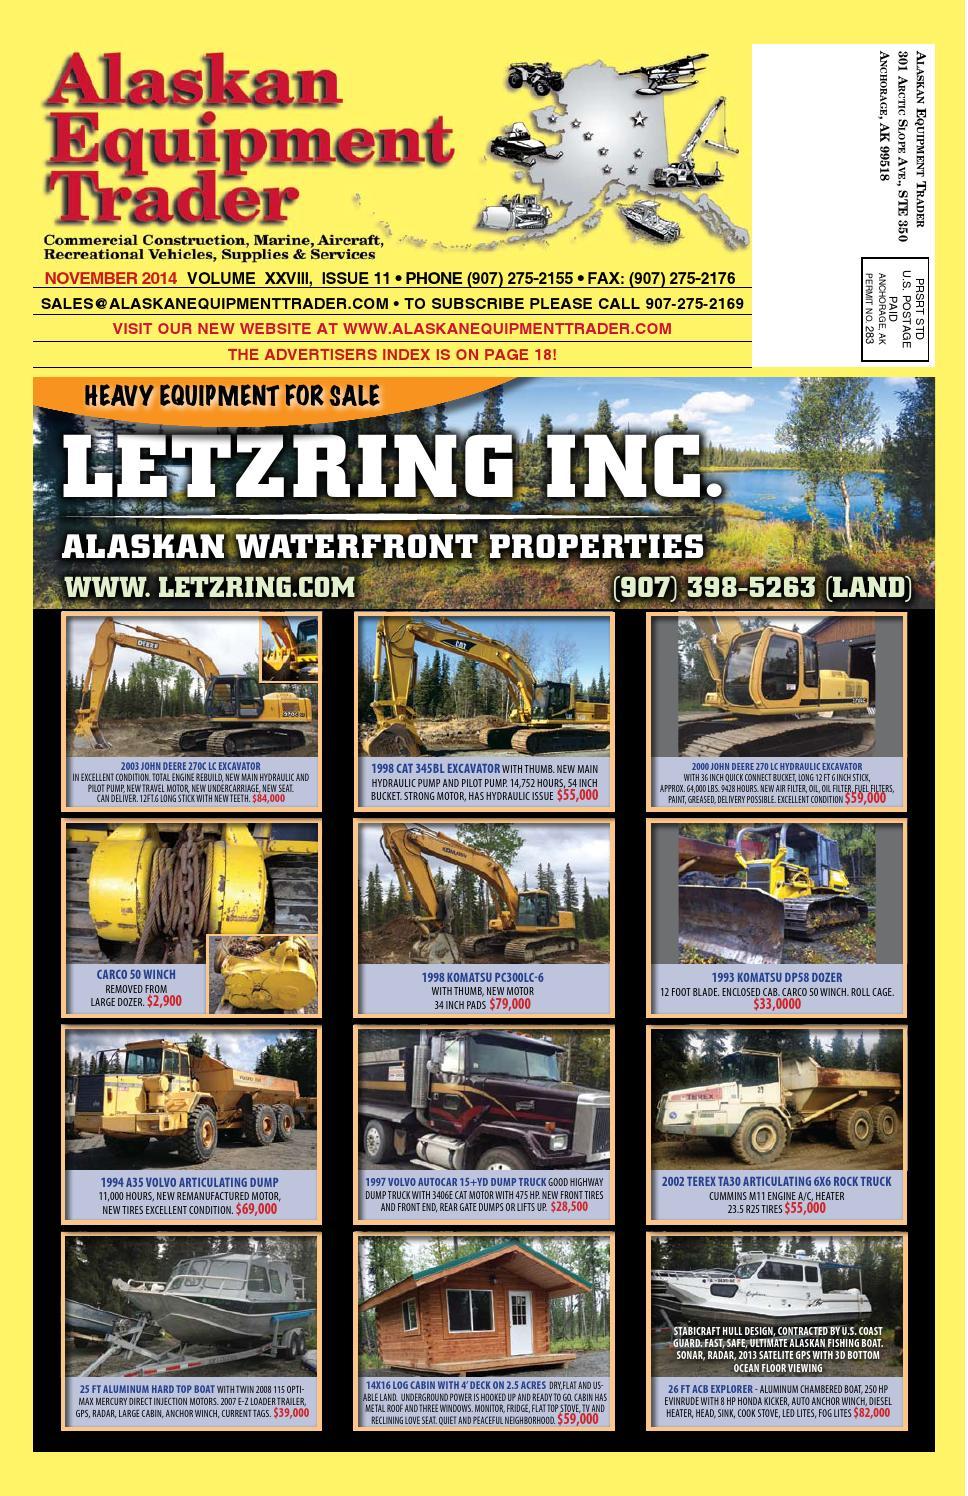 Alaskan Equipment Trader November 2014 by Morris Media